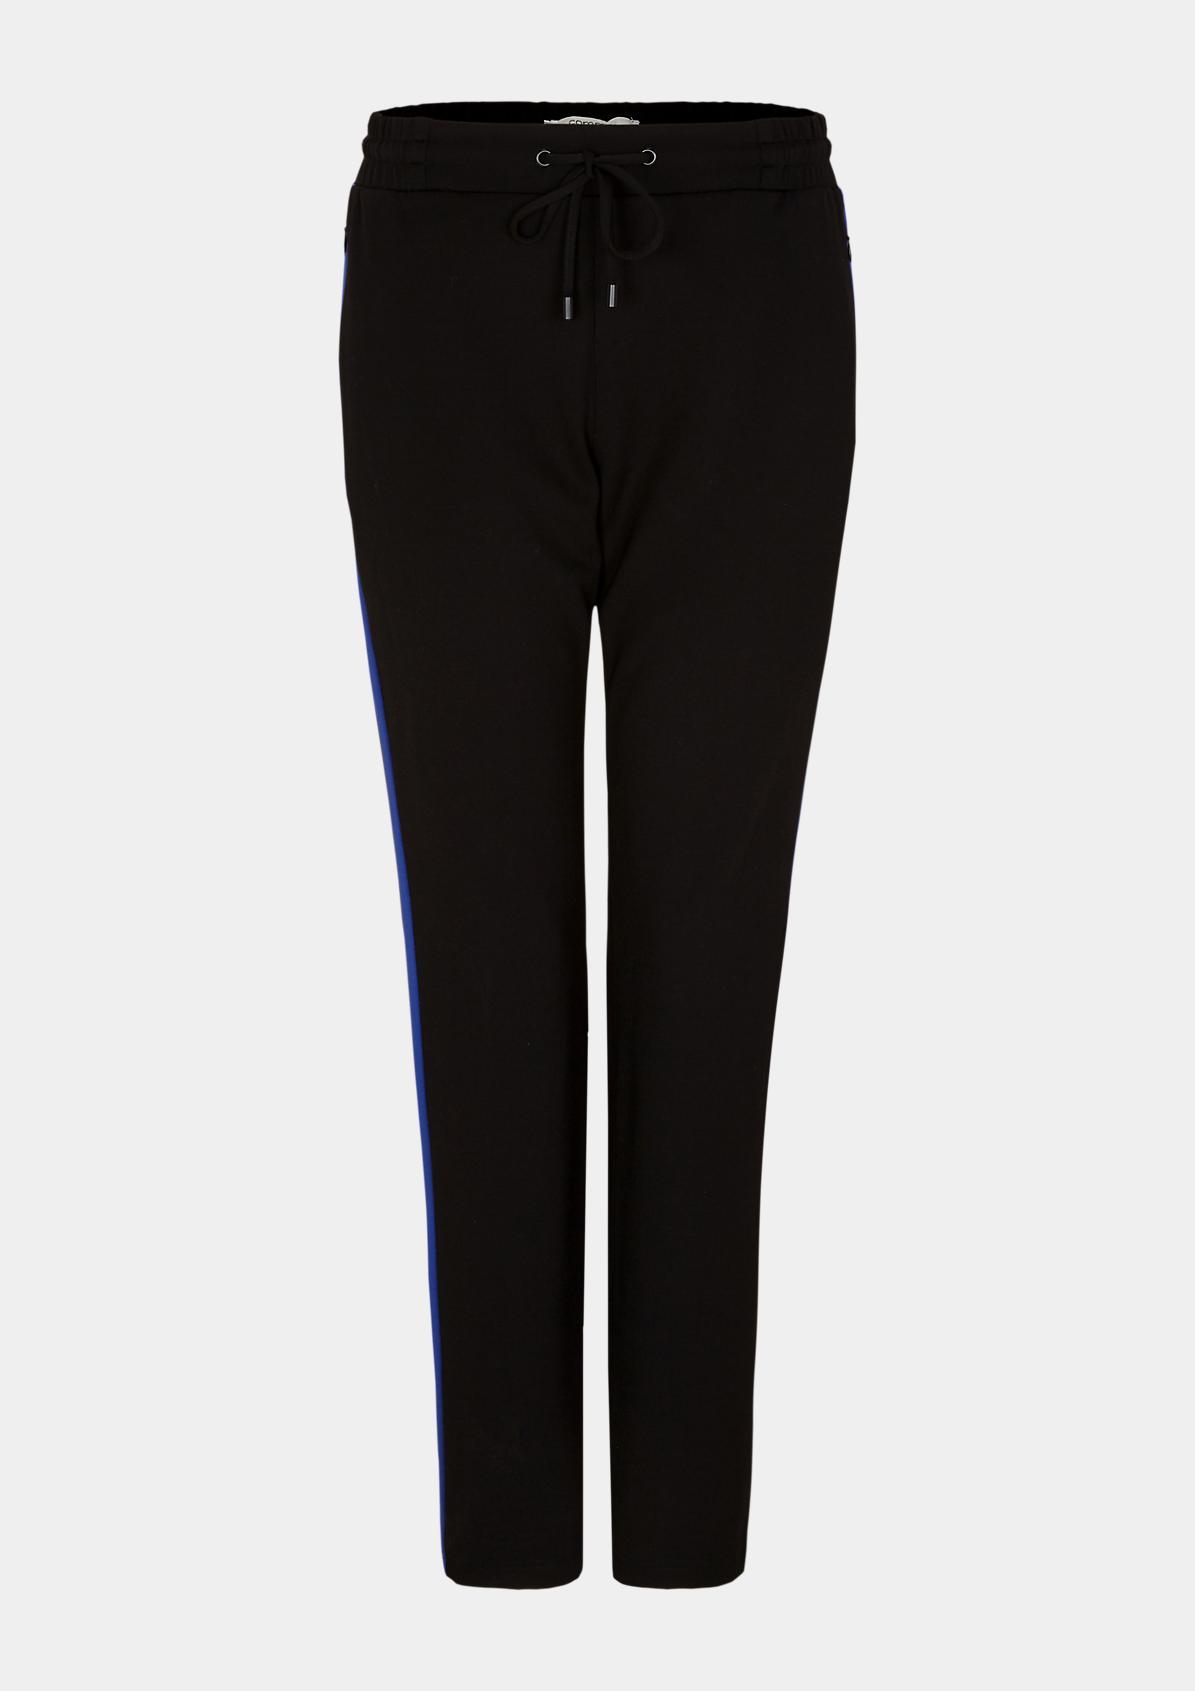 Loungepants mit zweifarbigen Seitenstreifen